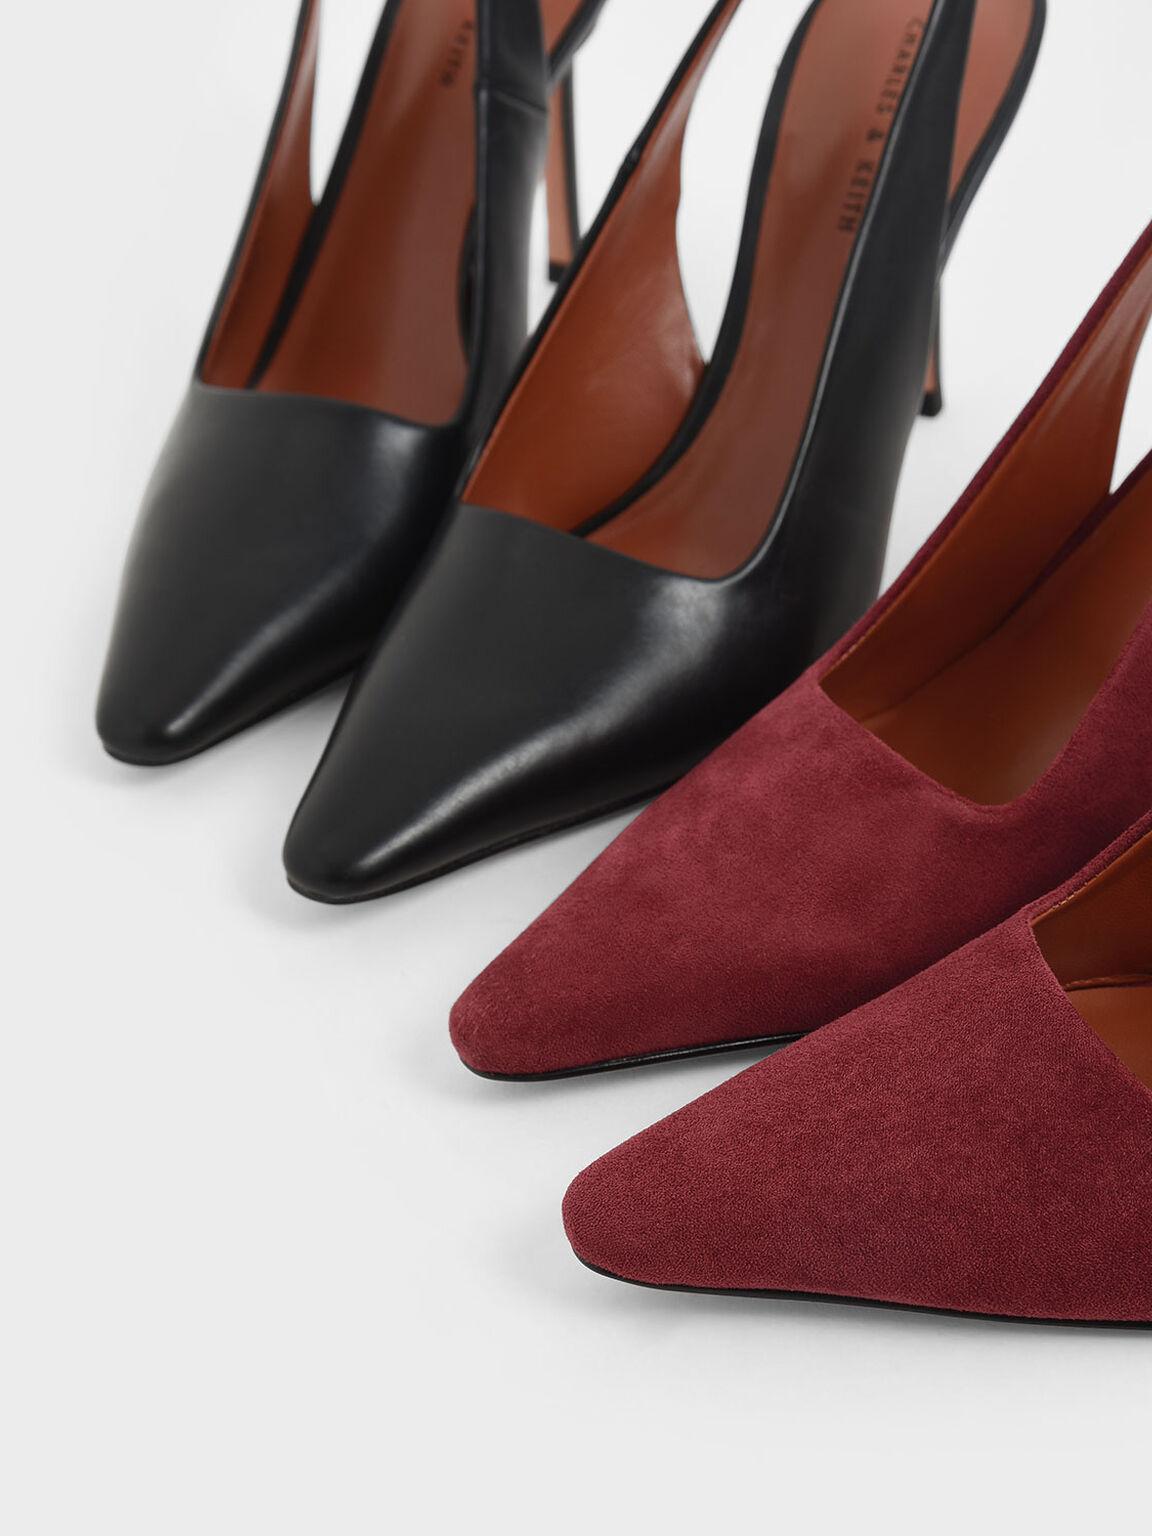 Textured Stiletto Heel Slingback Pumps, Brick, hi-res